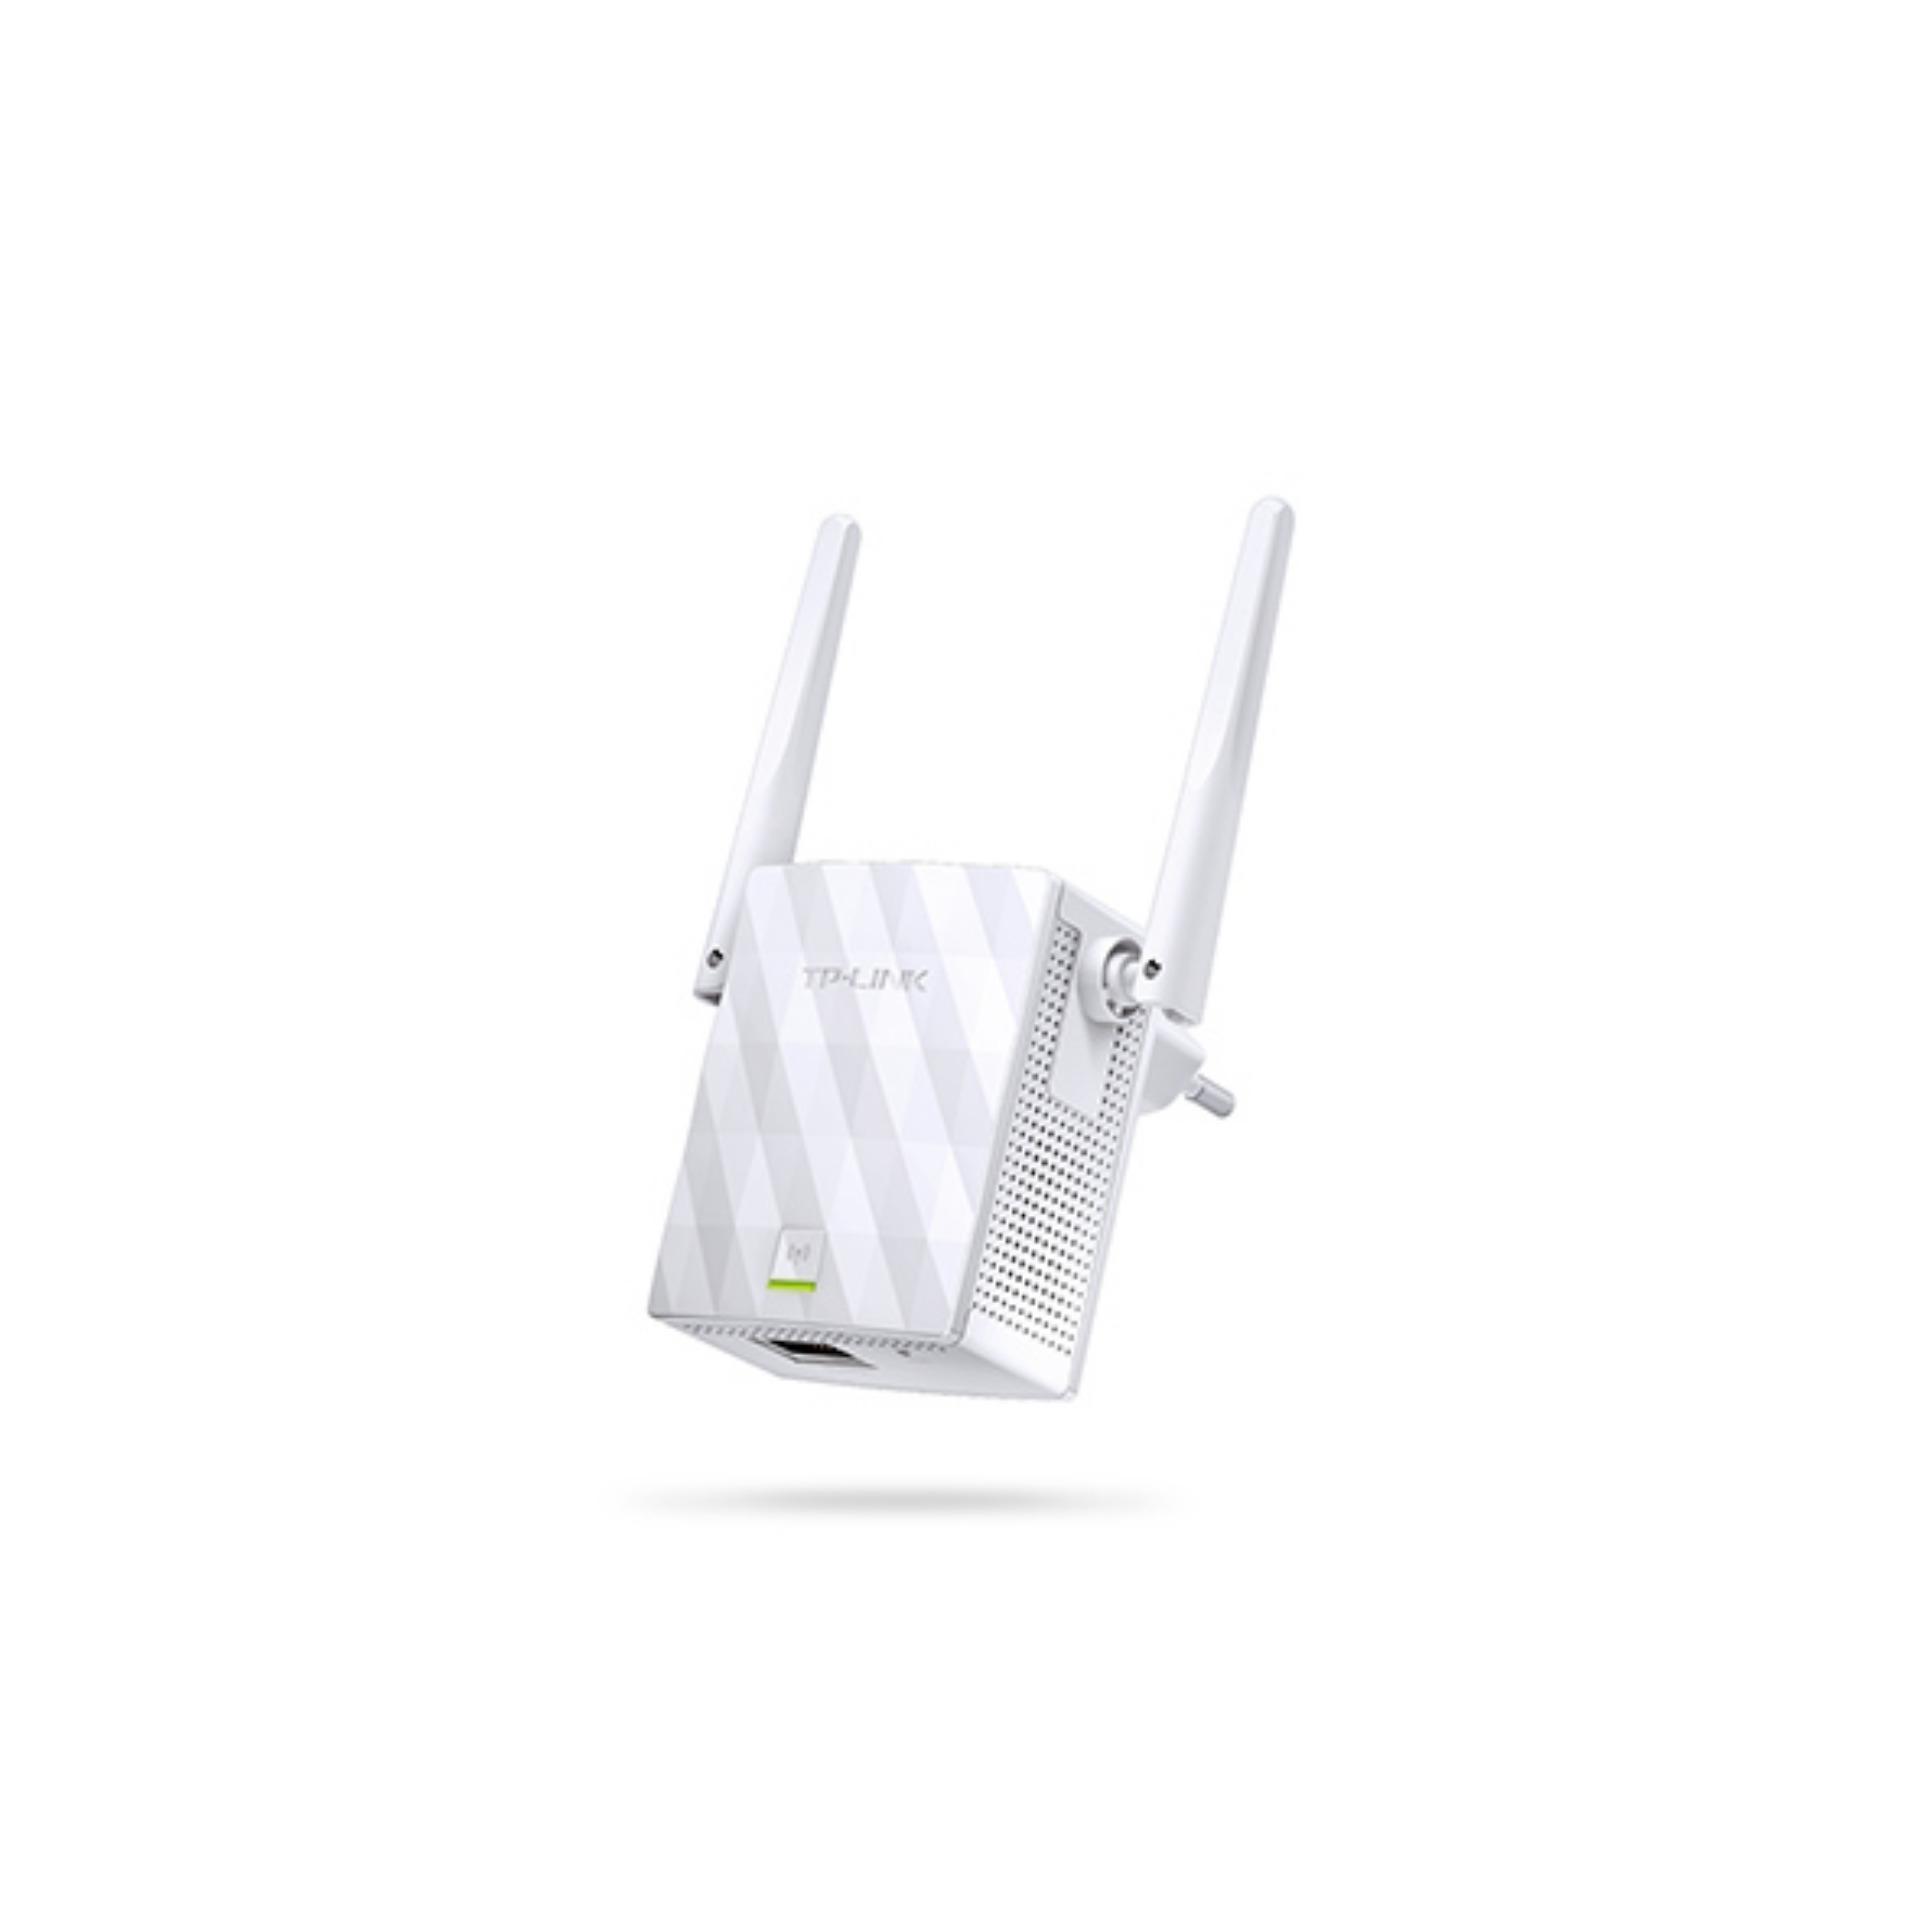 Beli Tl Wa855Re 300Mbps Wi Fi Range Extender Tp Link Online